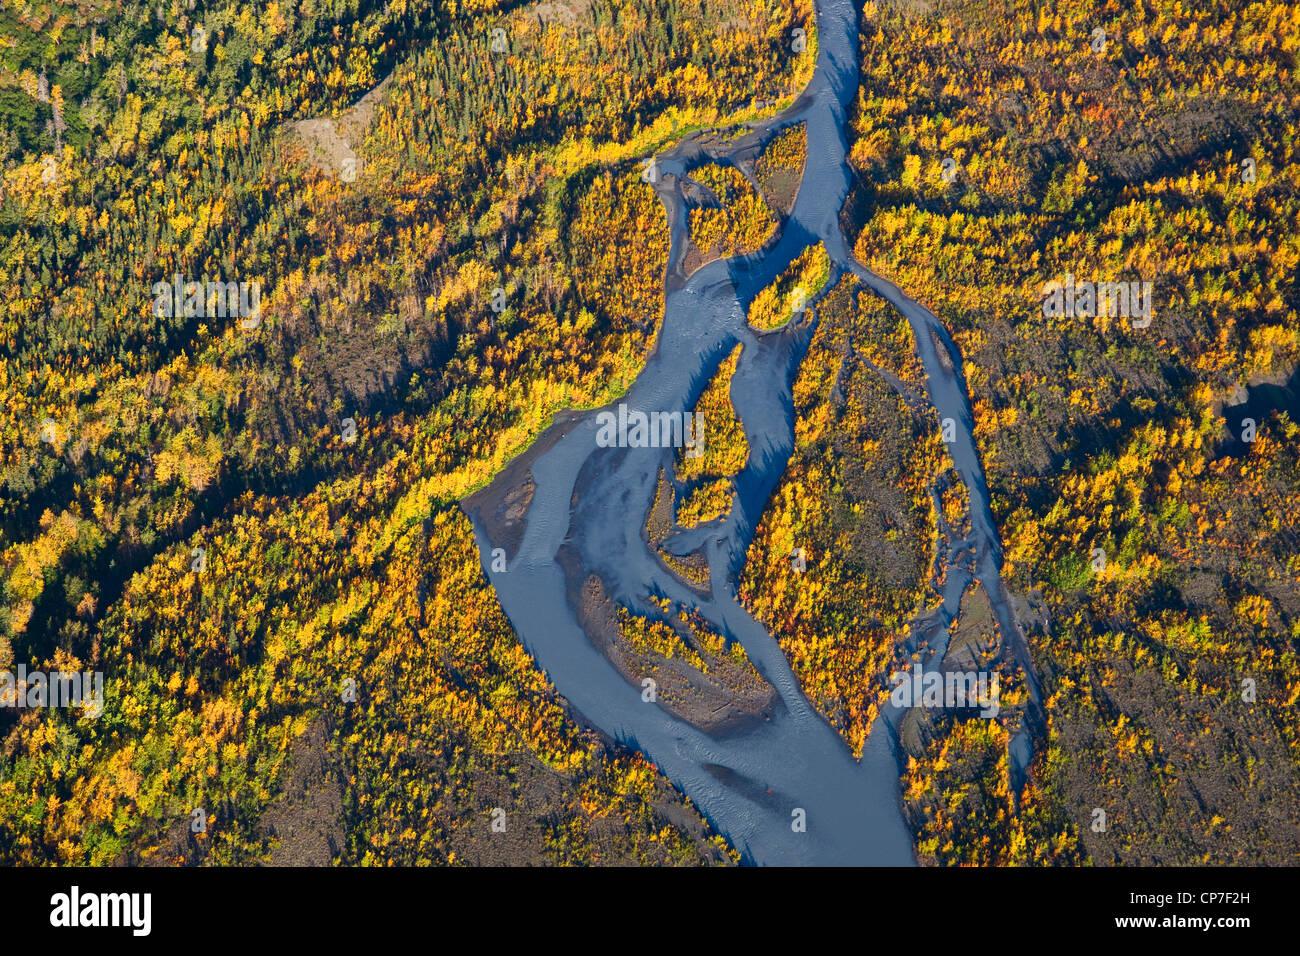 Vista aérea del Río Eagle y colores de otoño, de Chugach State Park, Southcentral Alaska Imagen De Stock